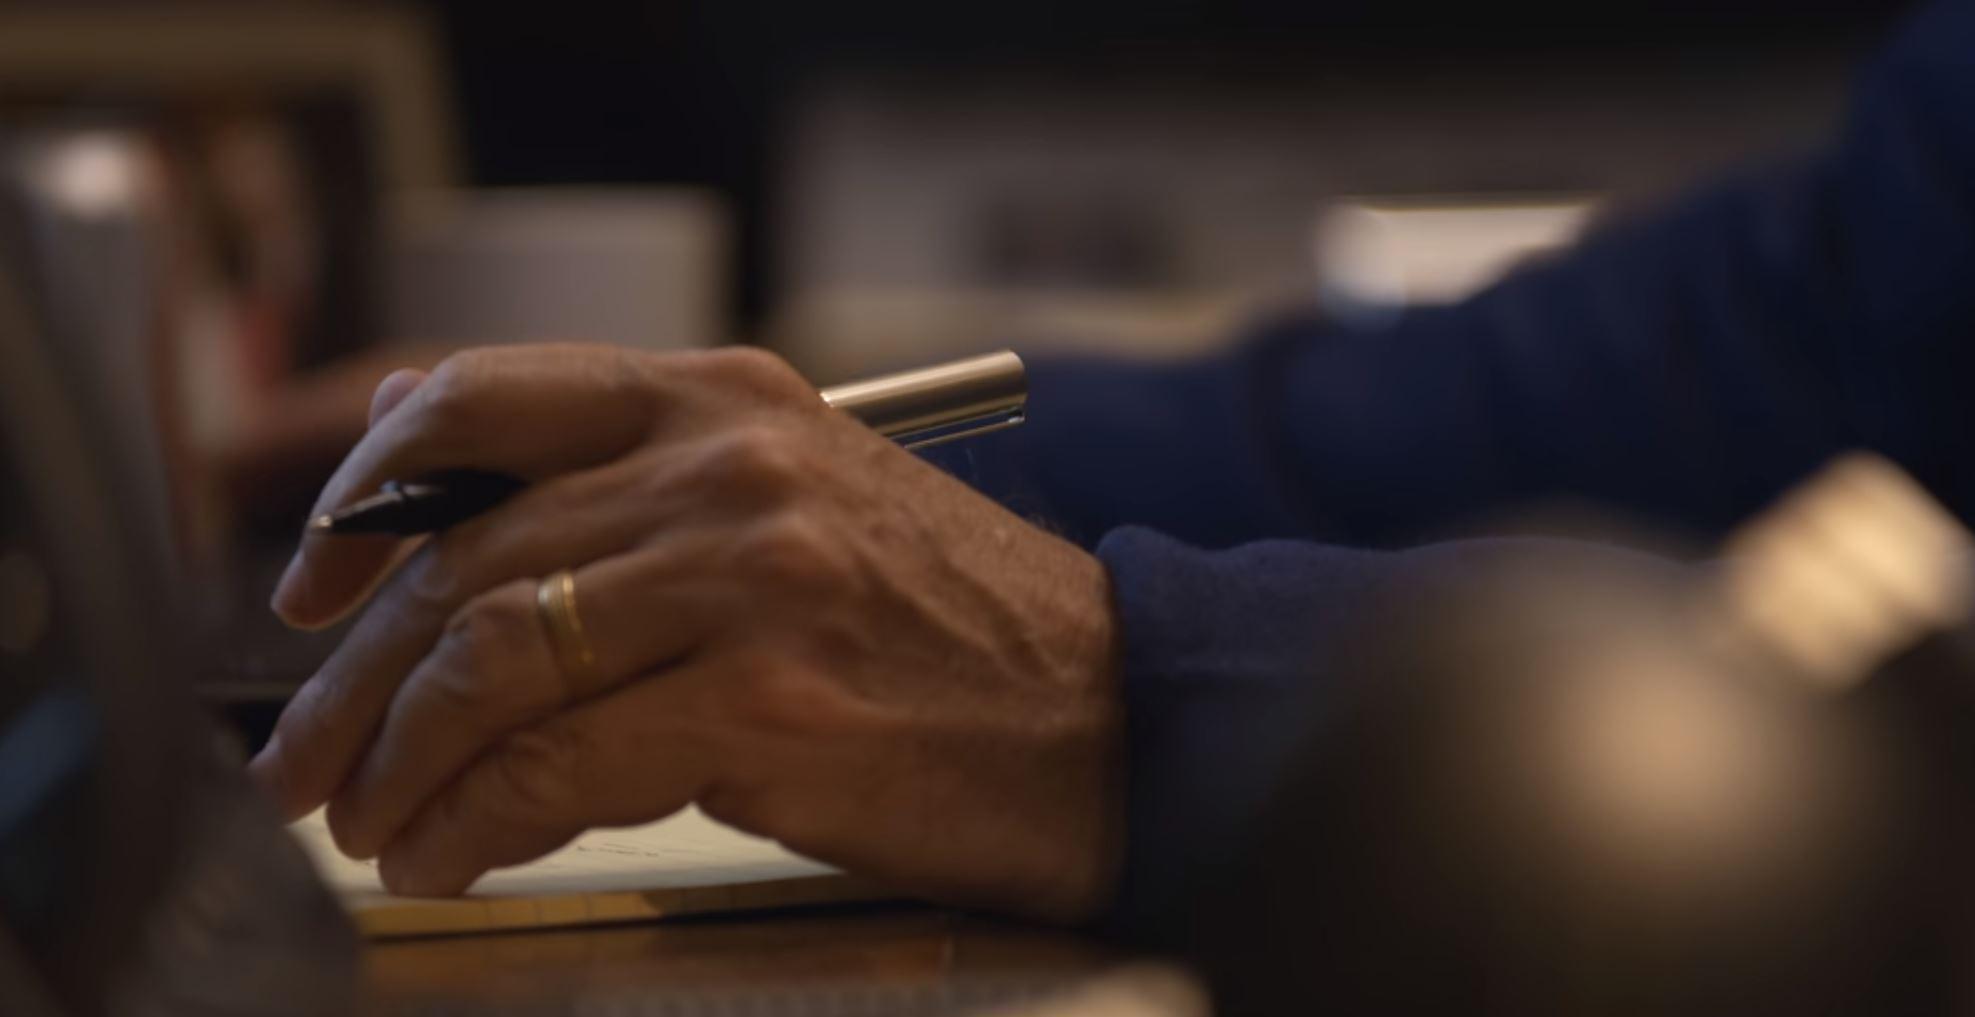 ビル・ゲイツが手に持っているボールペンuni-ball Deluxe